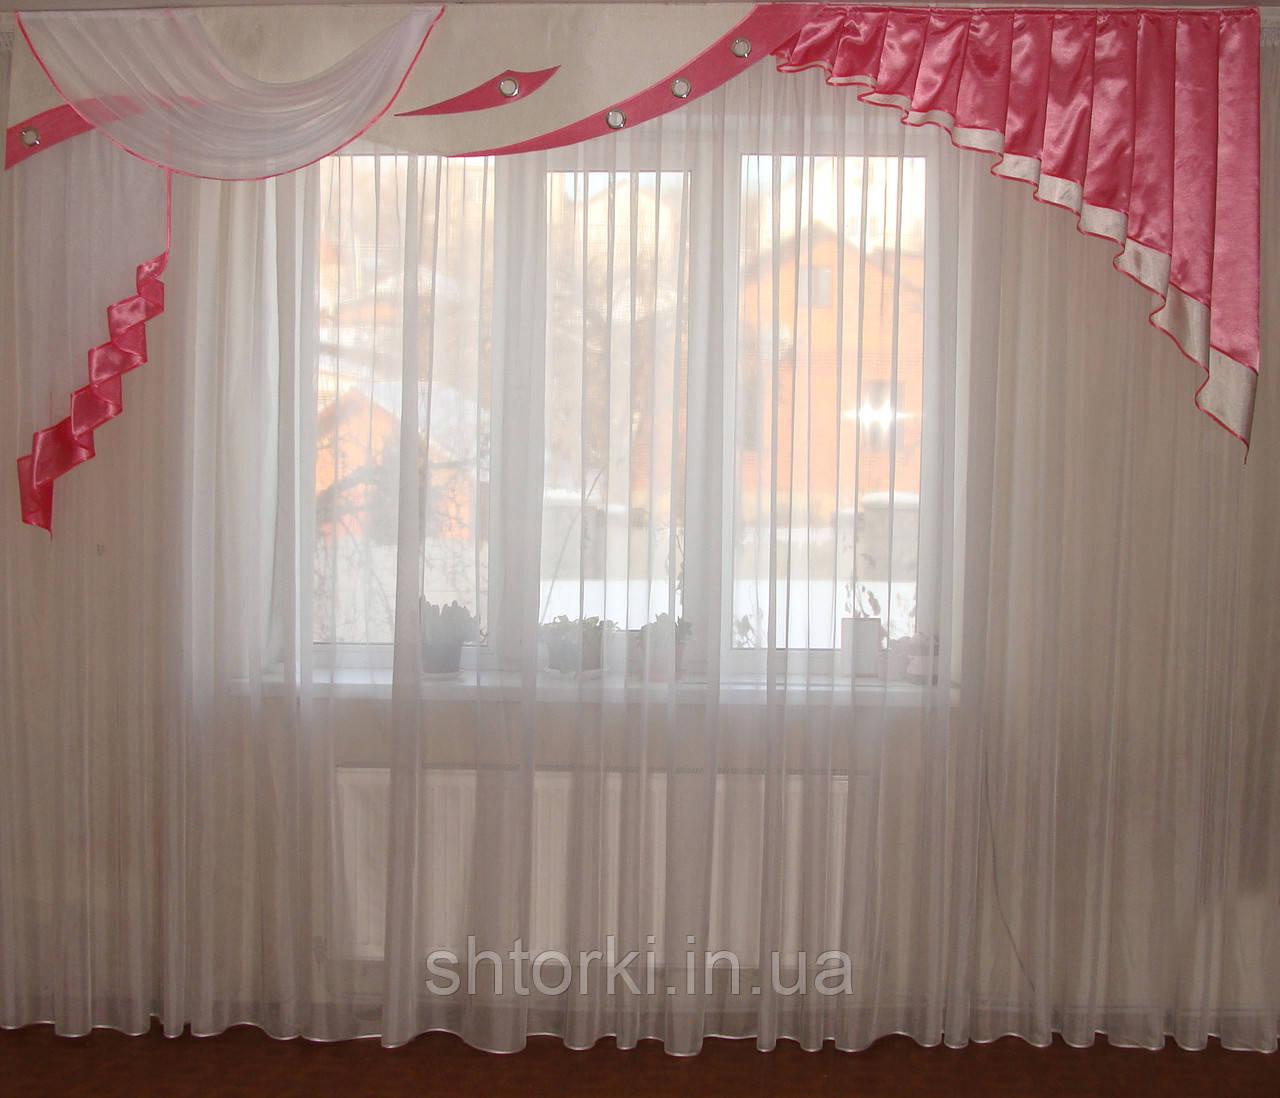 Жесткий ламбрекен Люкс розовый 3м